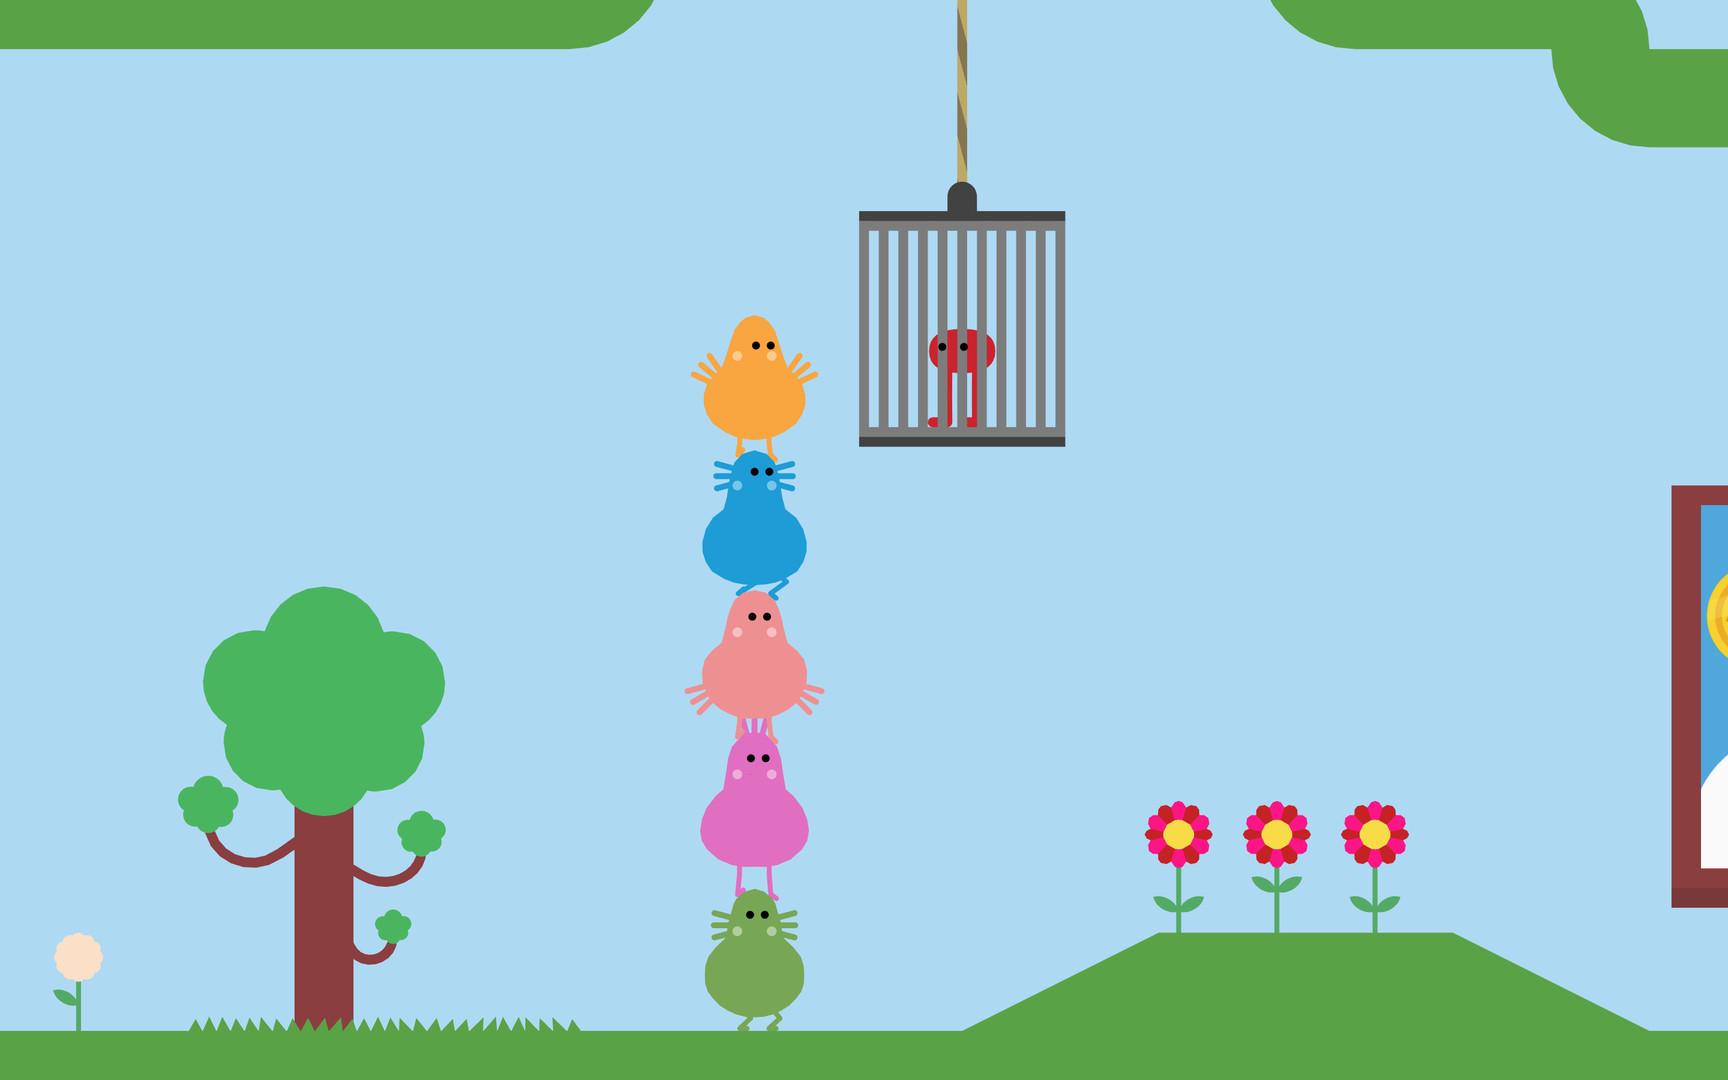 Pikuniku Screenshot 1